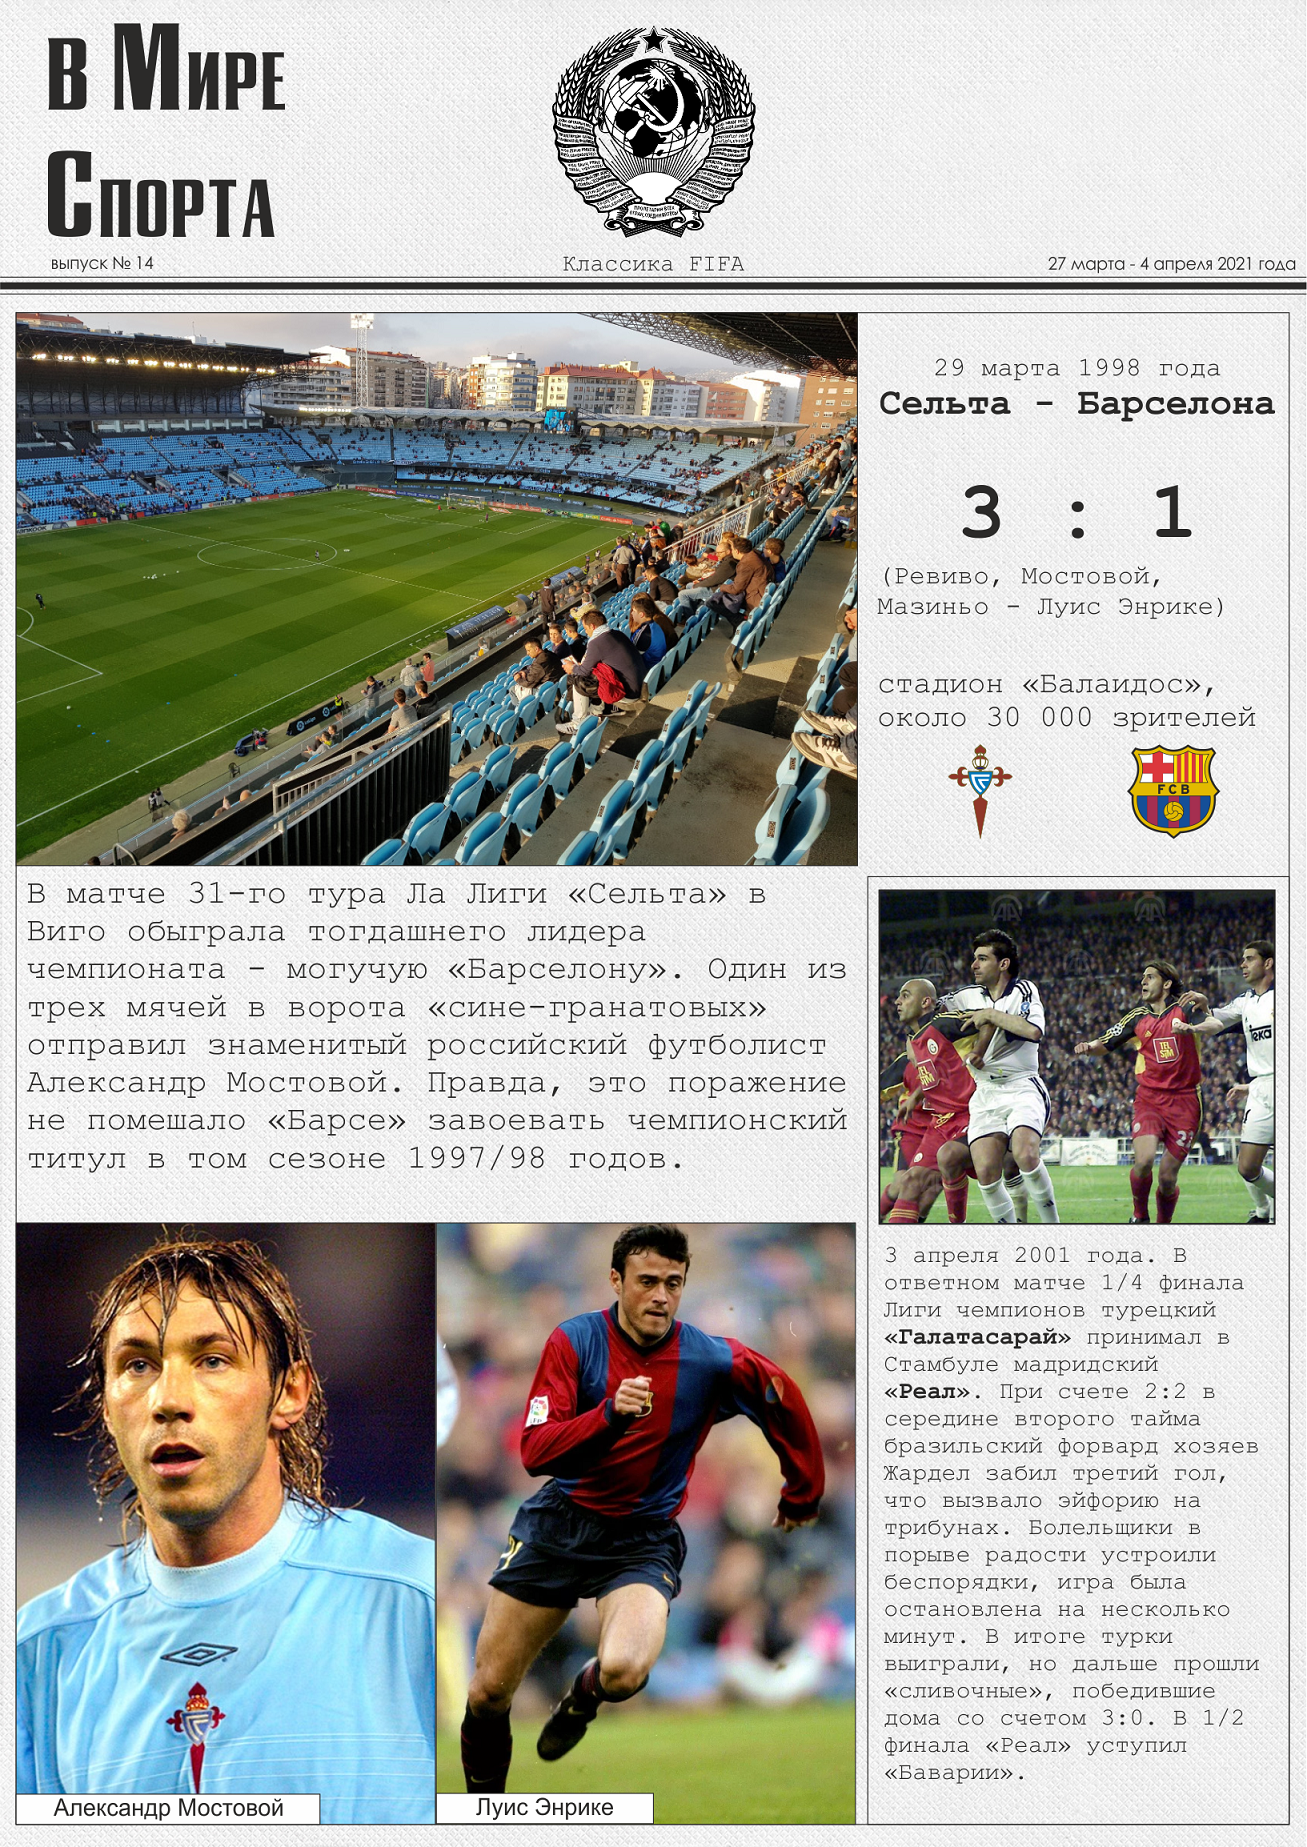 Конец марта и начало апреля в истории мирового футбола